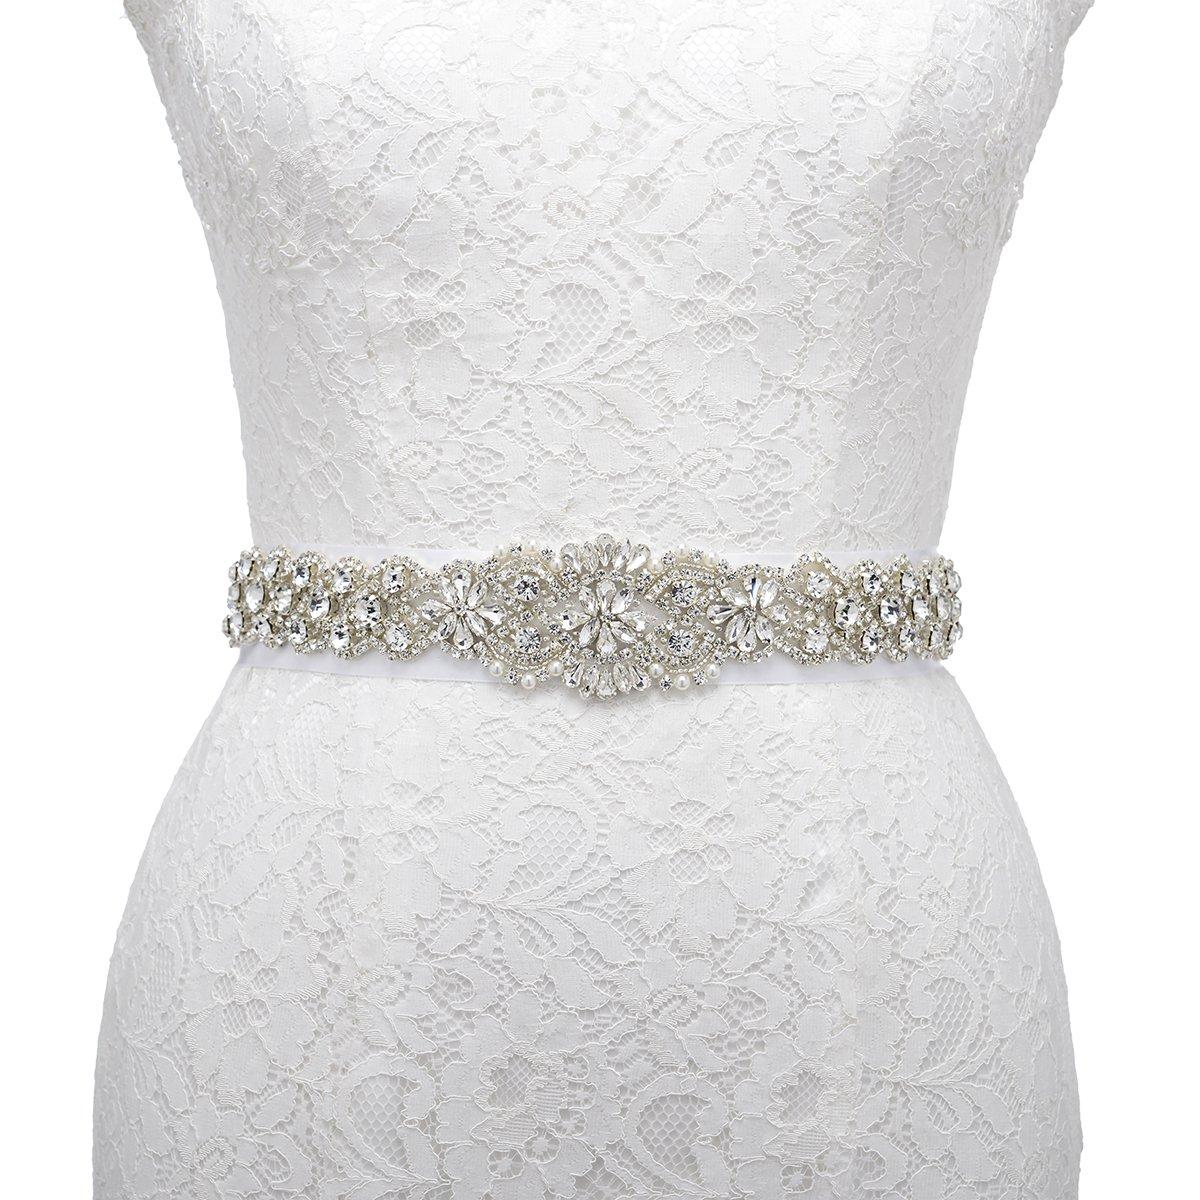 AW Crystal Wedding Dress Belt Rhinestone Bridal Sash Belt Black AWUKYD160U011B